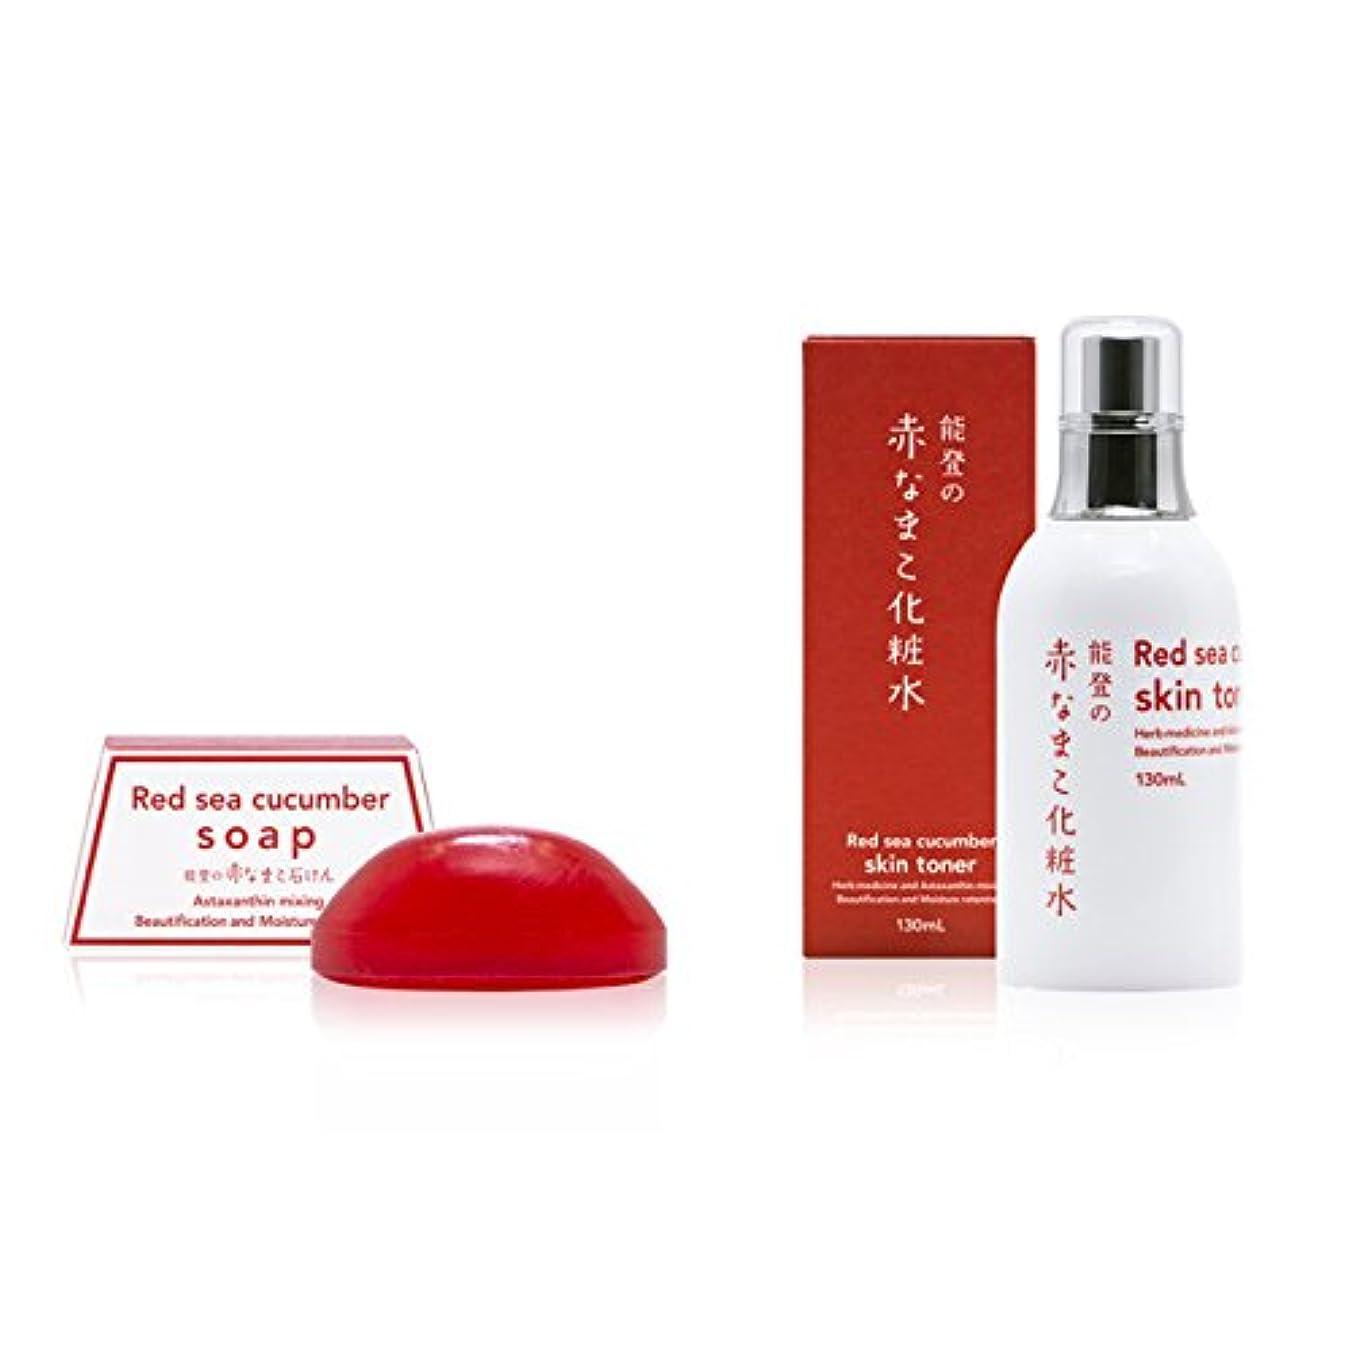 体細胞堀薄汚い能登の赤なまこ石けん&能登の赤なまこ化粧水セット